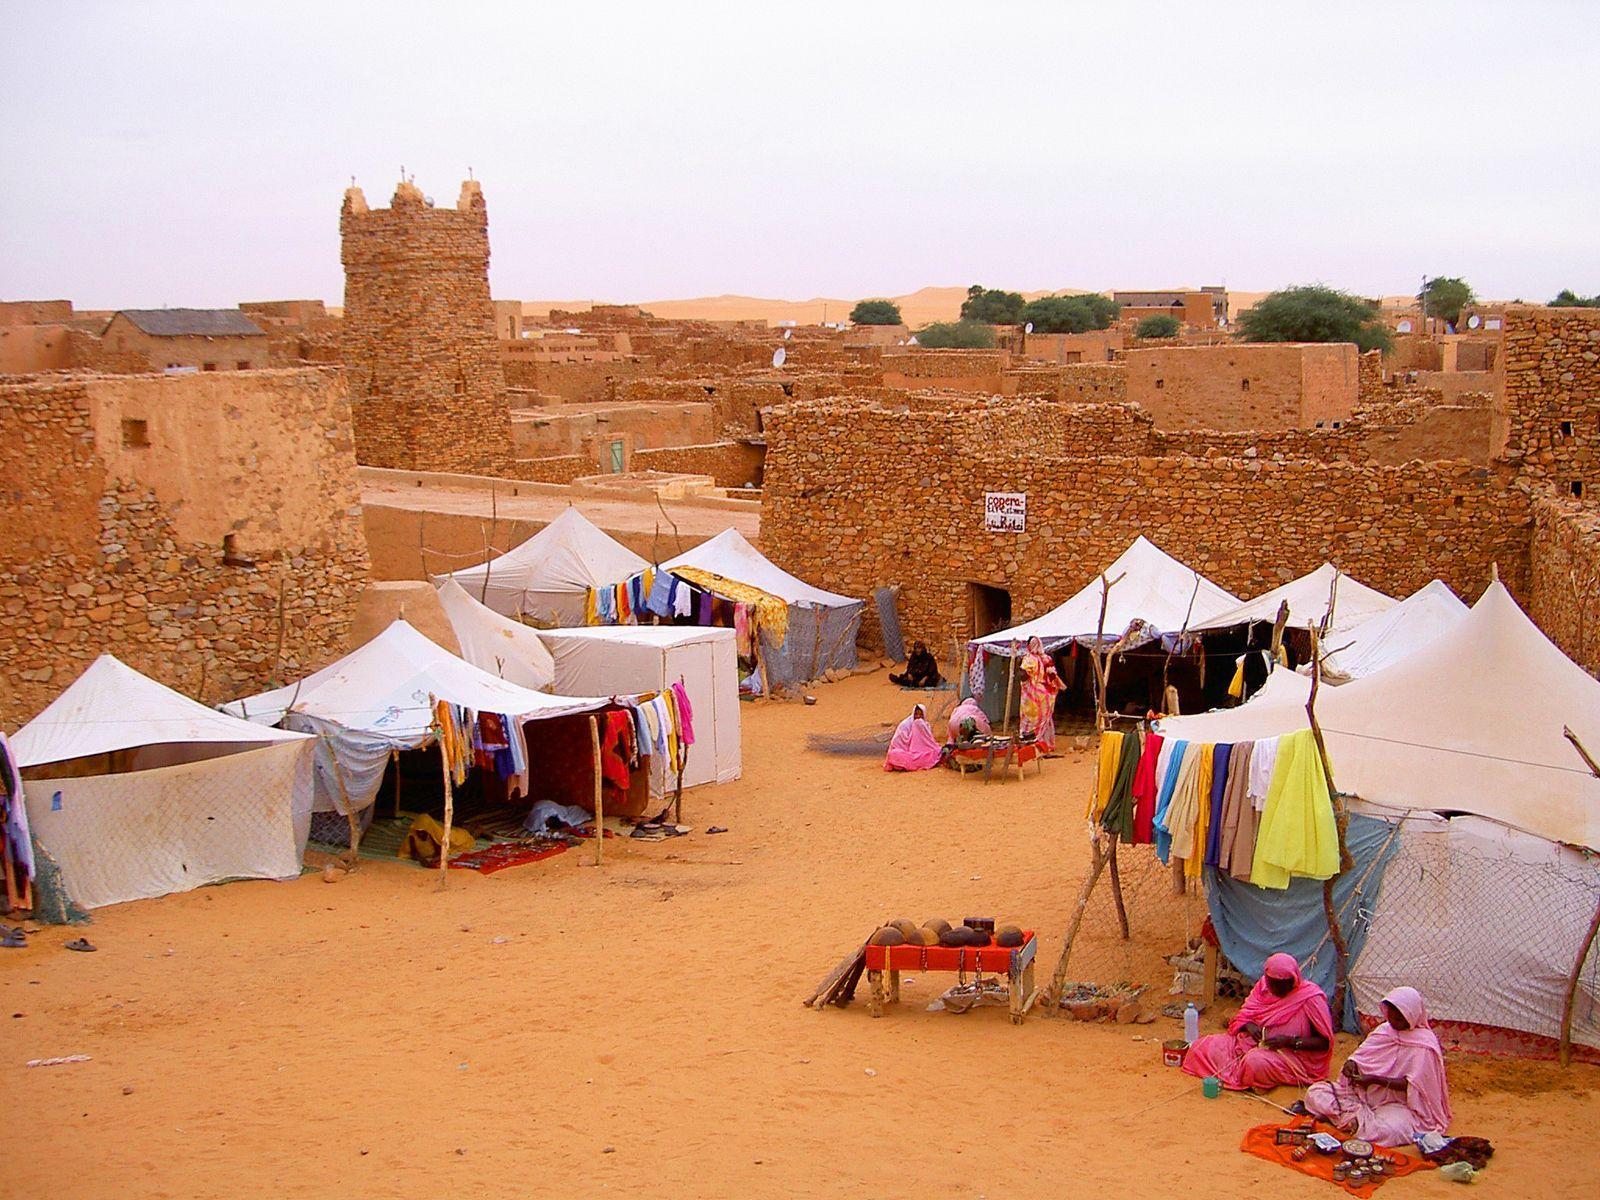 Image De Ouadane à Chinguetti, cités caravanières